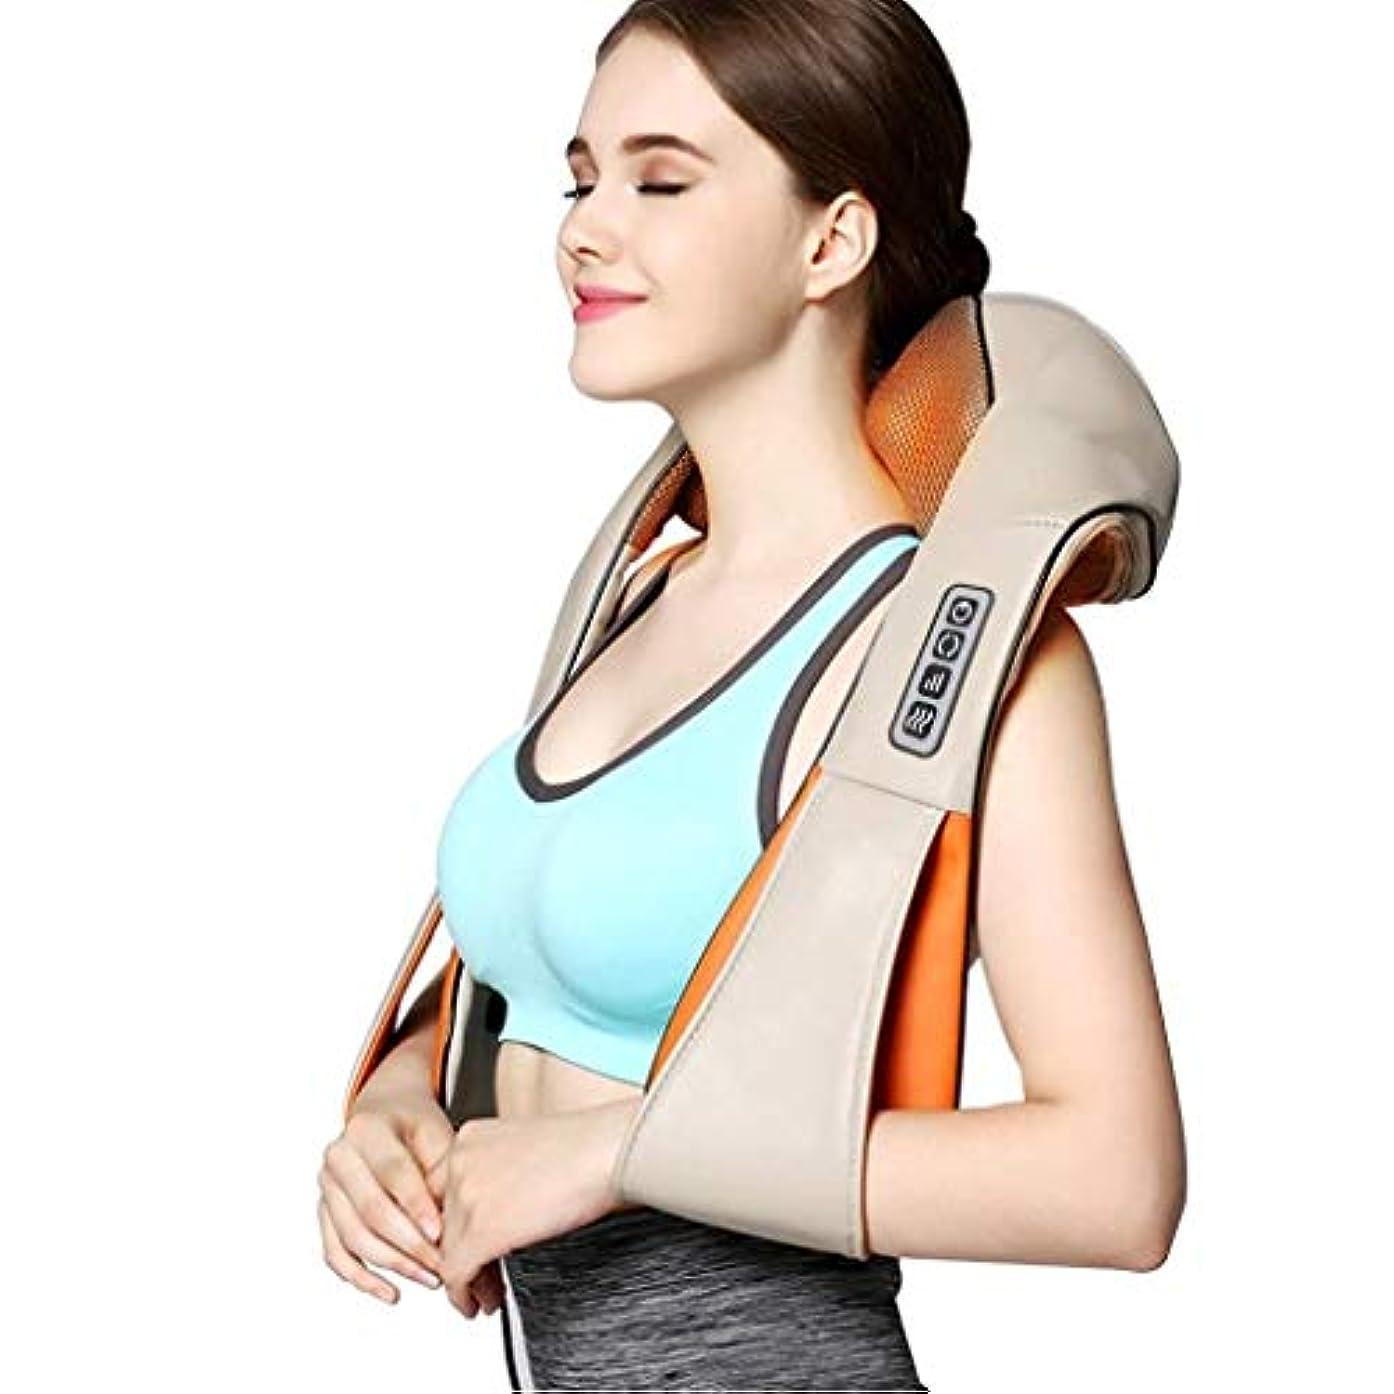 ストレンジャー燃料ゴム指圧ネックの肩のマッサージャー - 3D深いティッシュの混合の首、肩、背中、足、マッサージの痛みを緩和する電気バックマッサージ枕車のオフィスや家庭でリラックス (Color : 4buttons)